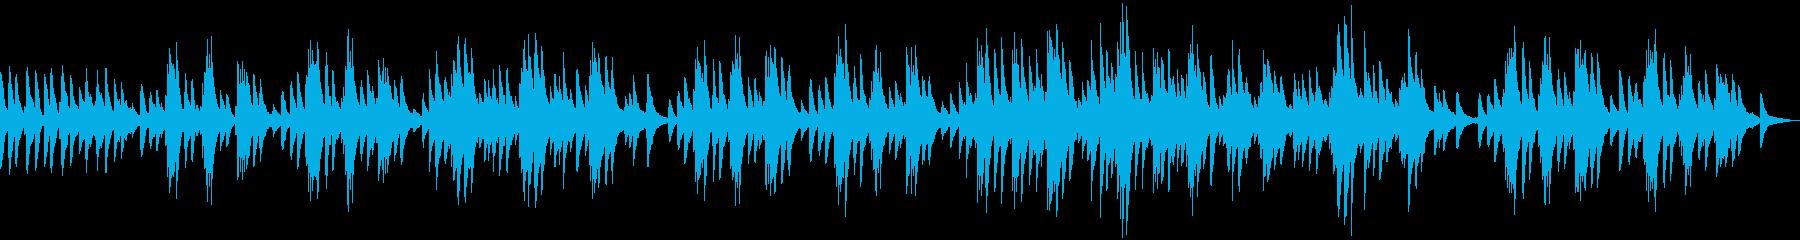 遅延FX、エレキギター、弦、電子要...の再生済みの波形